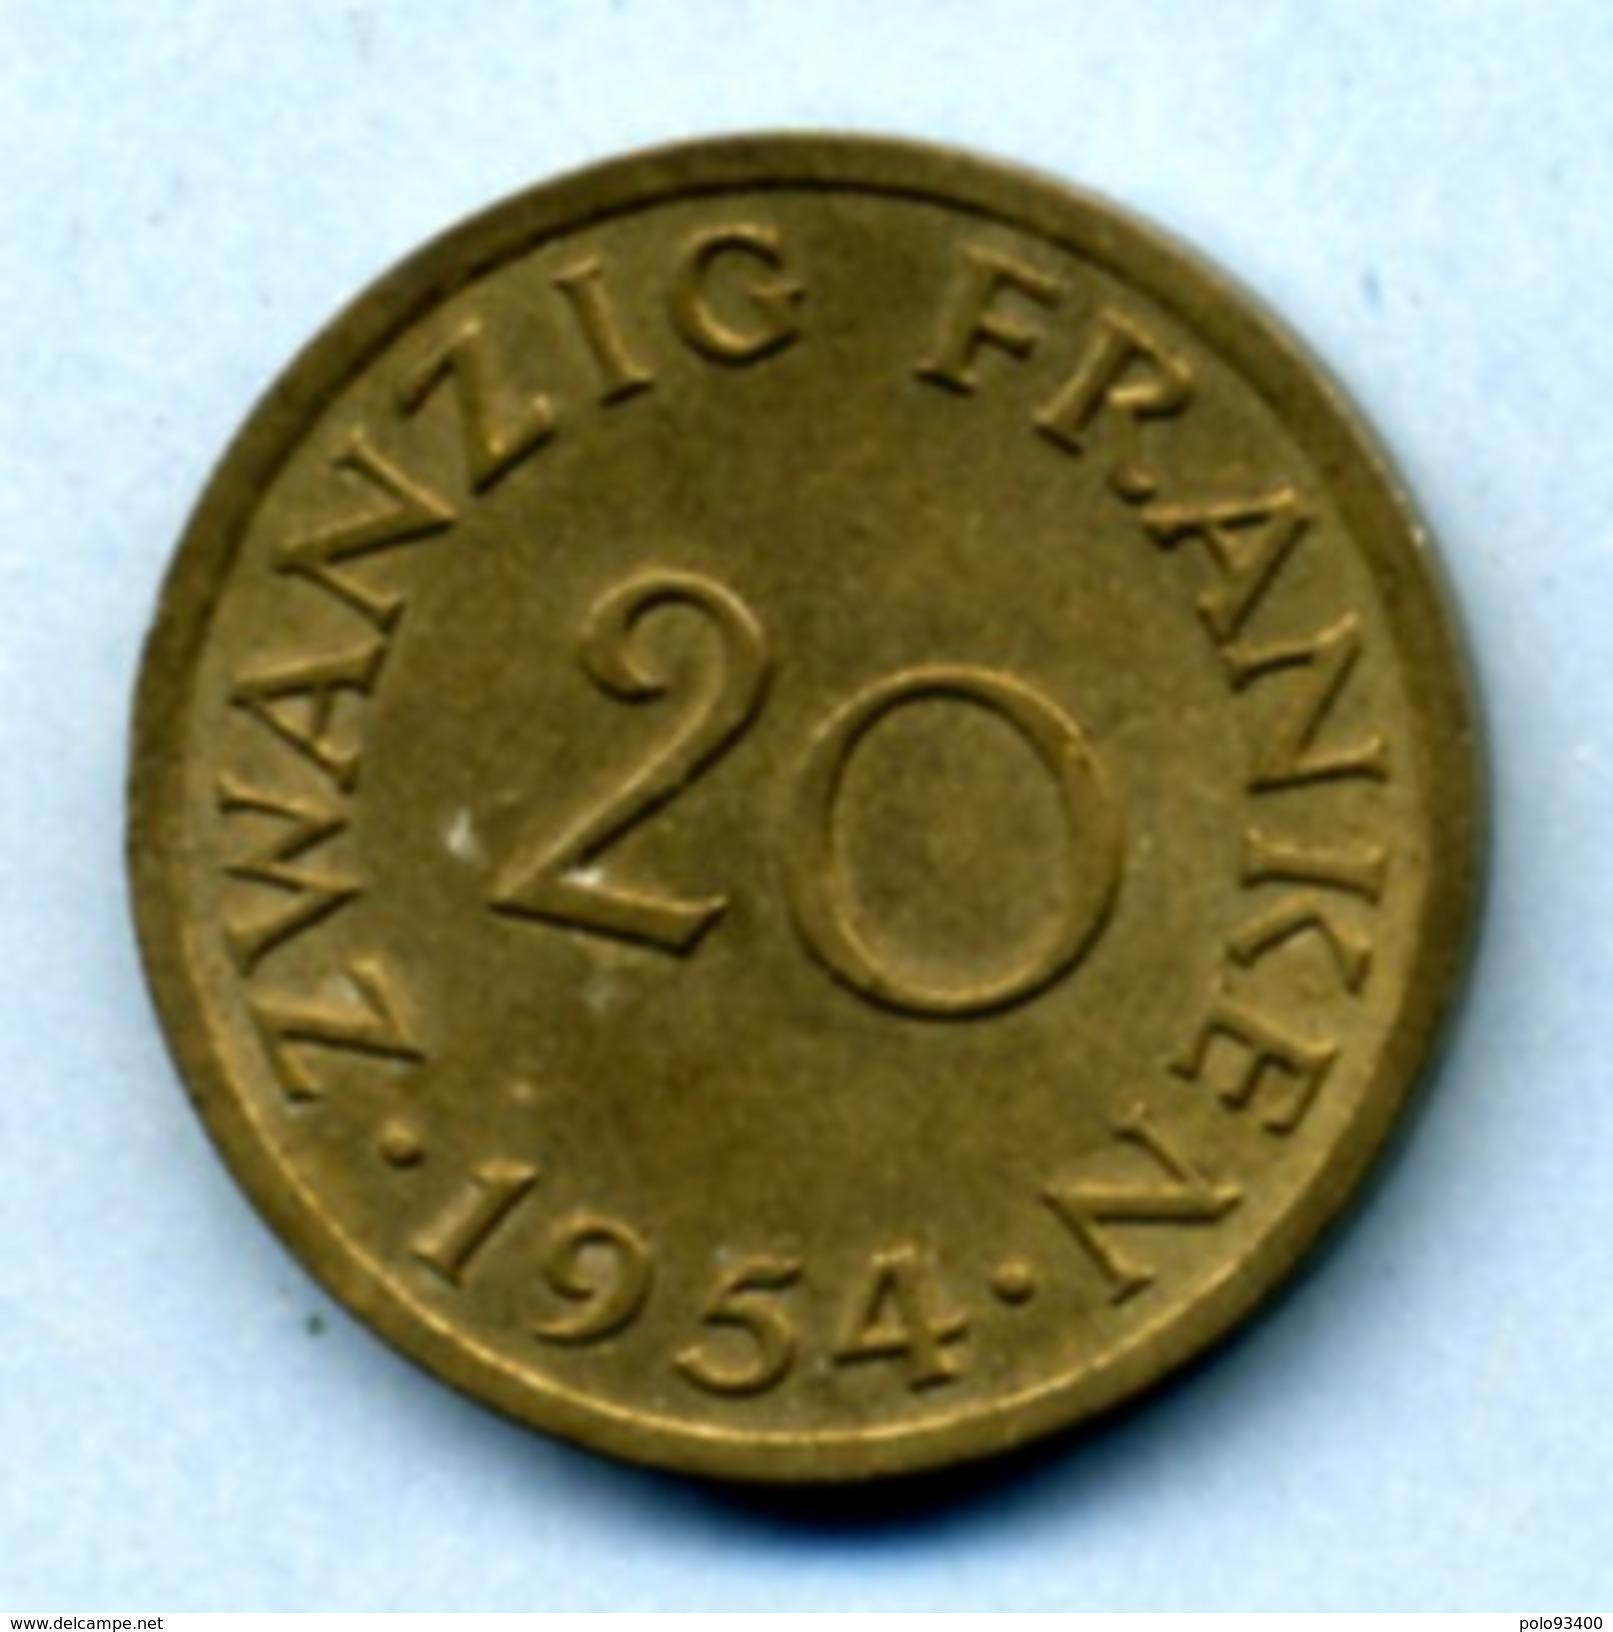 1954 20 FRANKEN - Saar